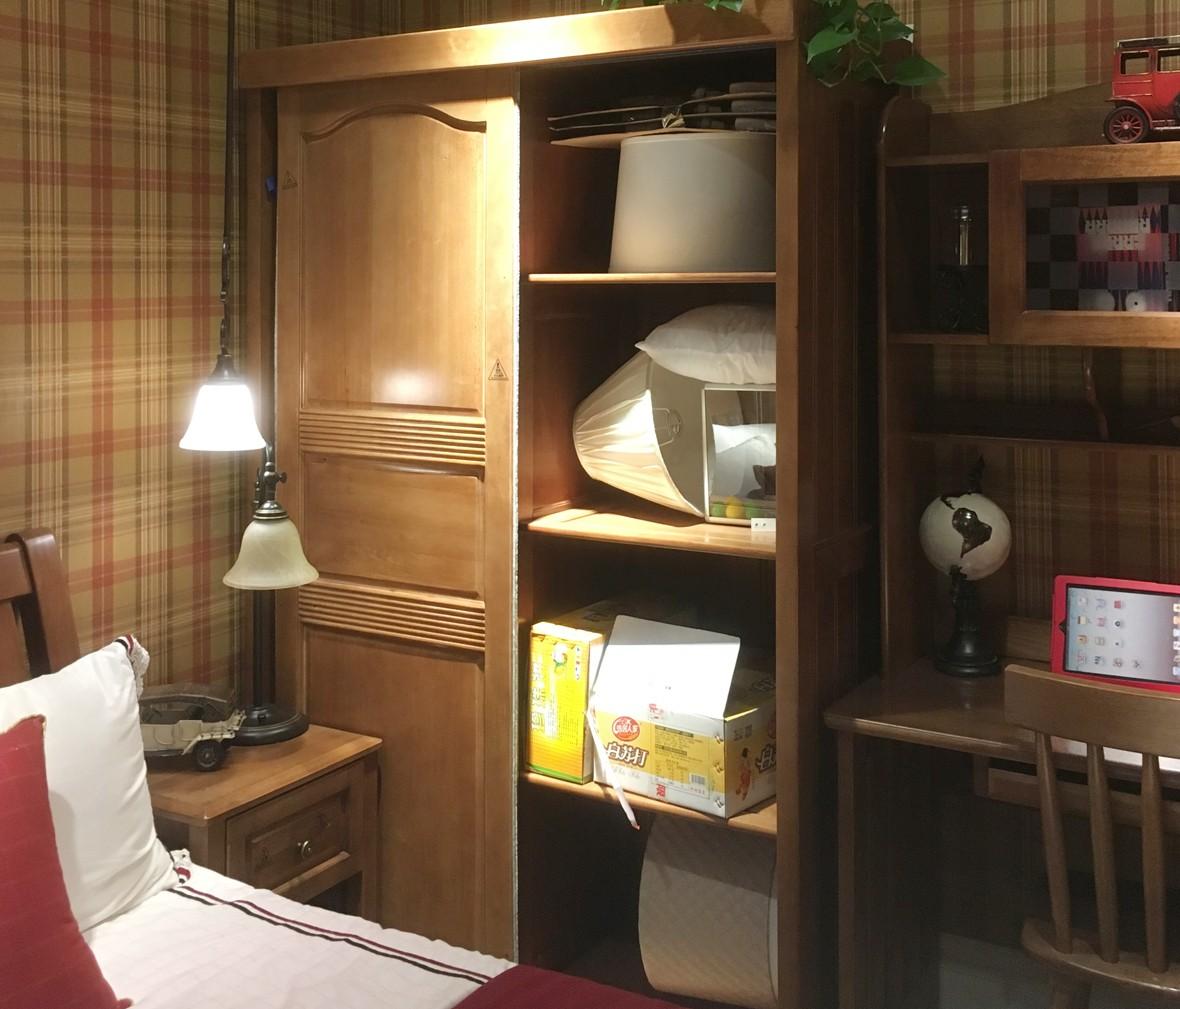 多喜爱儿童家具 DVTM501型号欧洲进口实木趟门衣柜